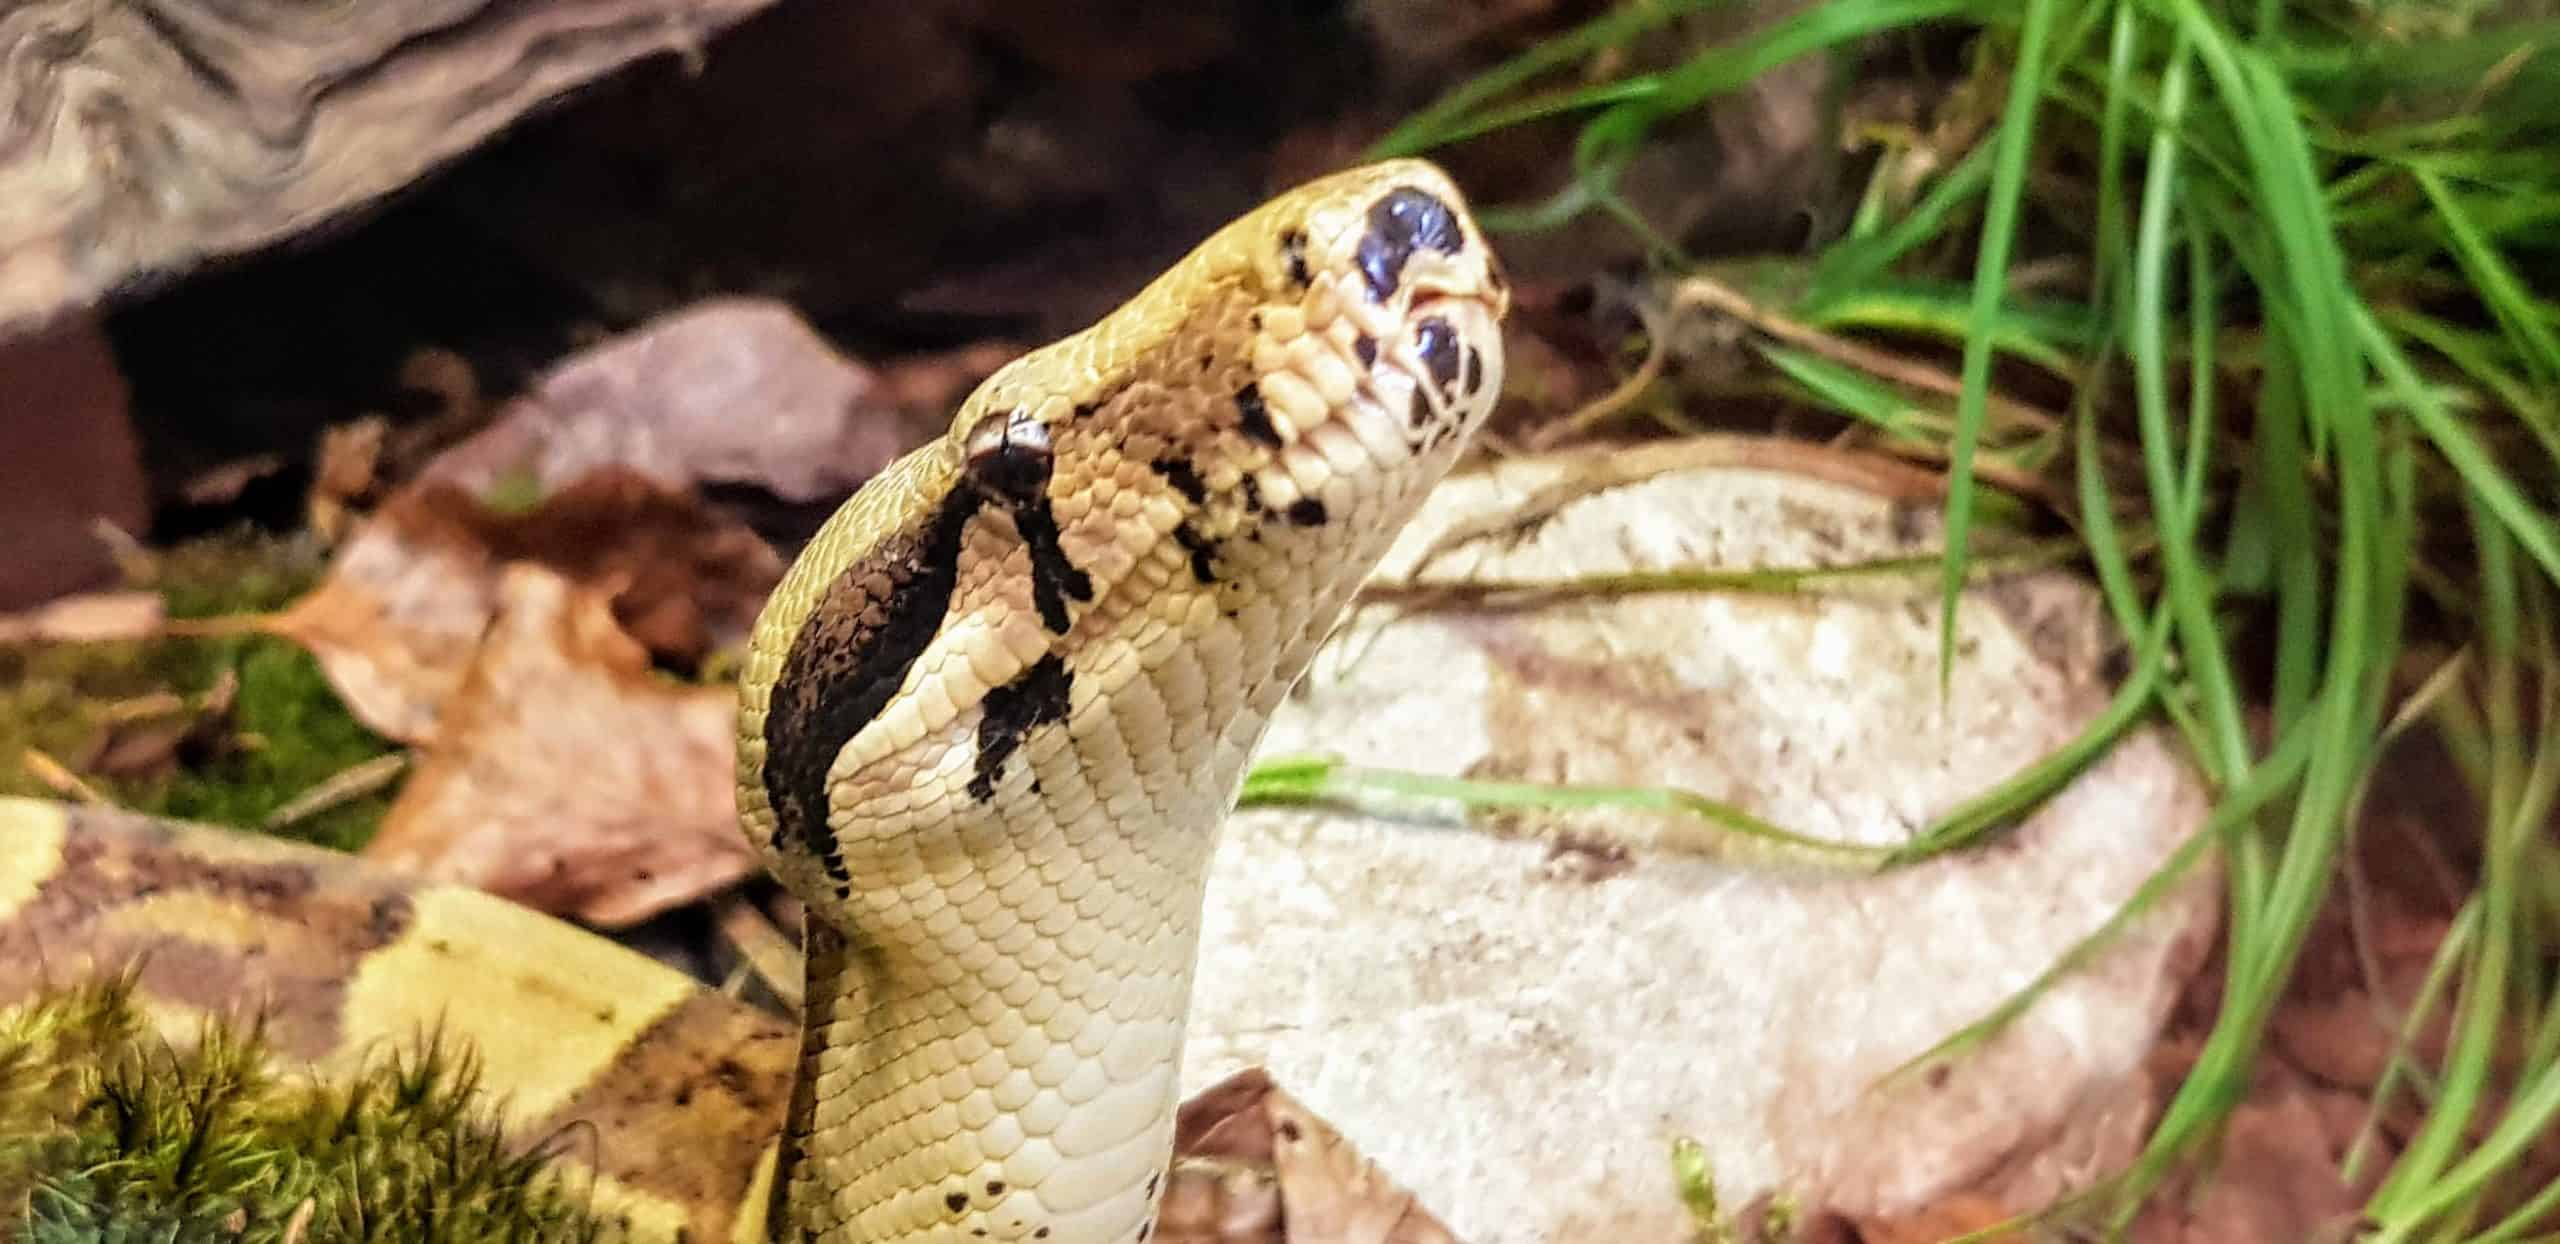 Schlange für Tier-Patenschaften im Reptilienzoo Happ in Klagenfurt. Sehenswürdigkeit in Kärnten - Österreich